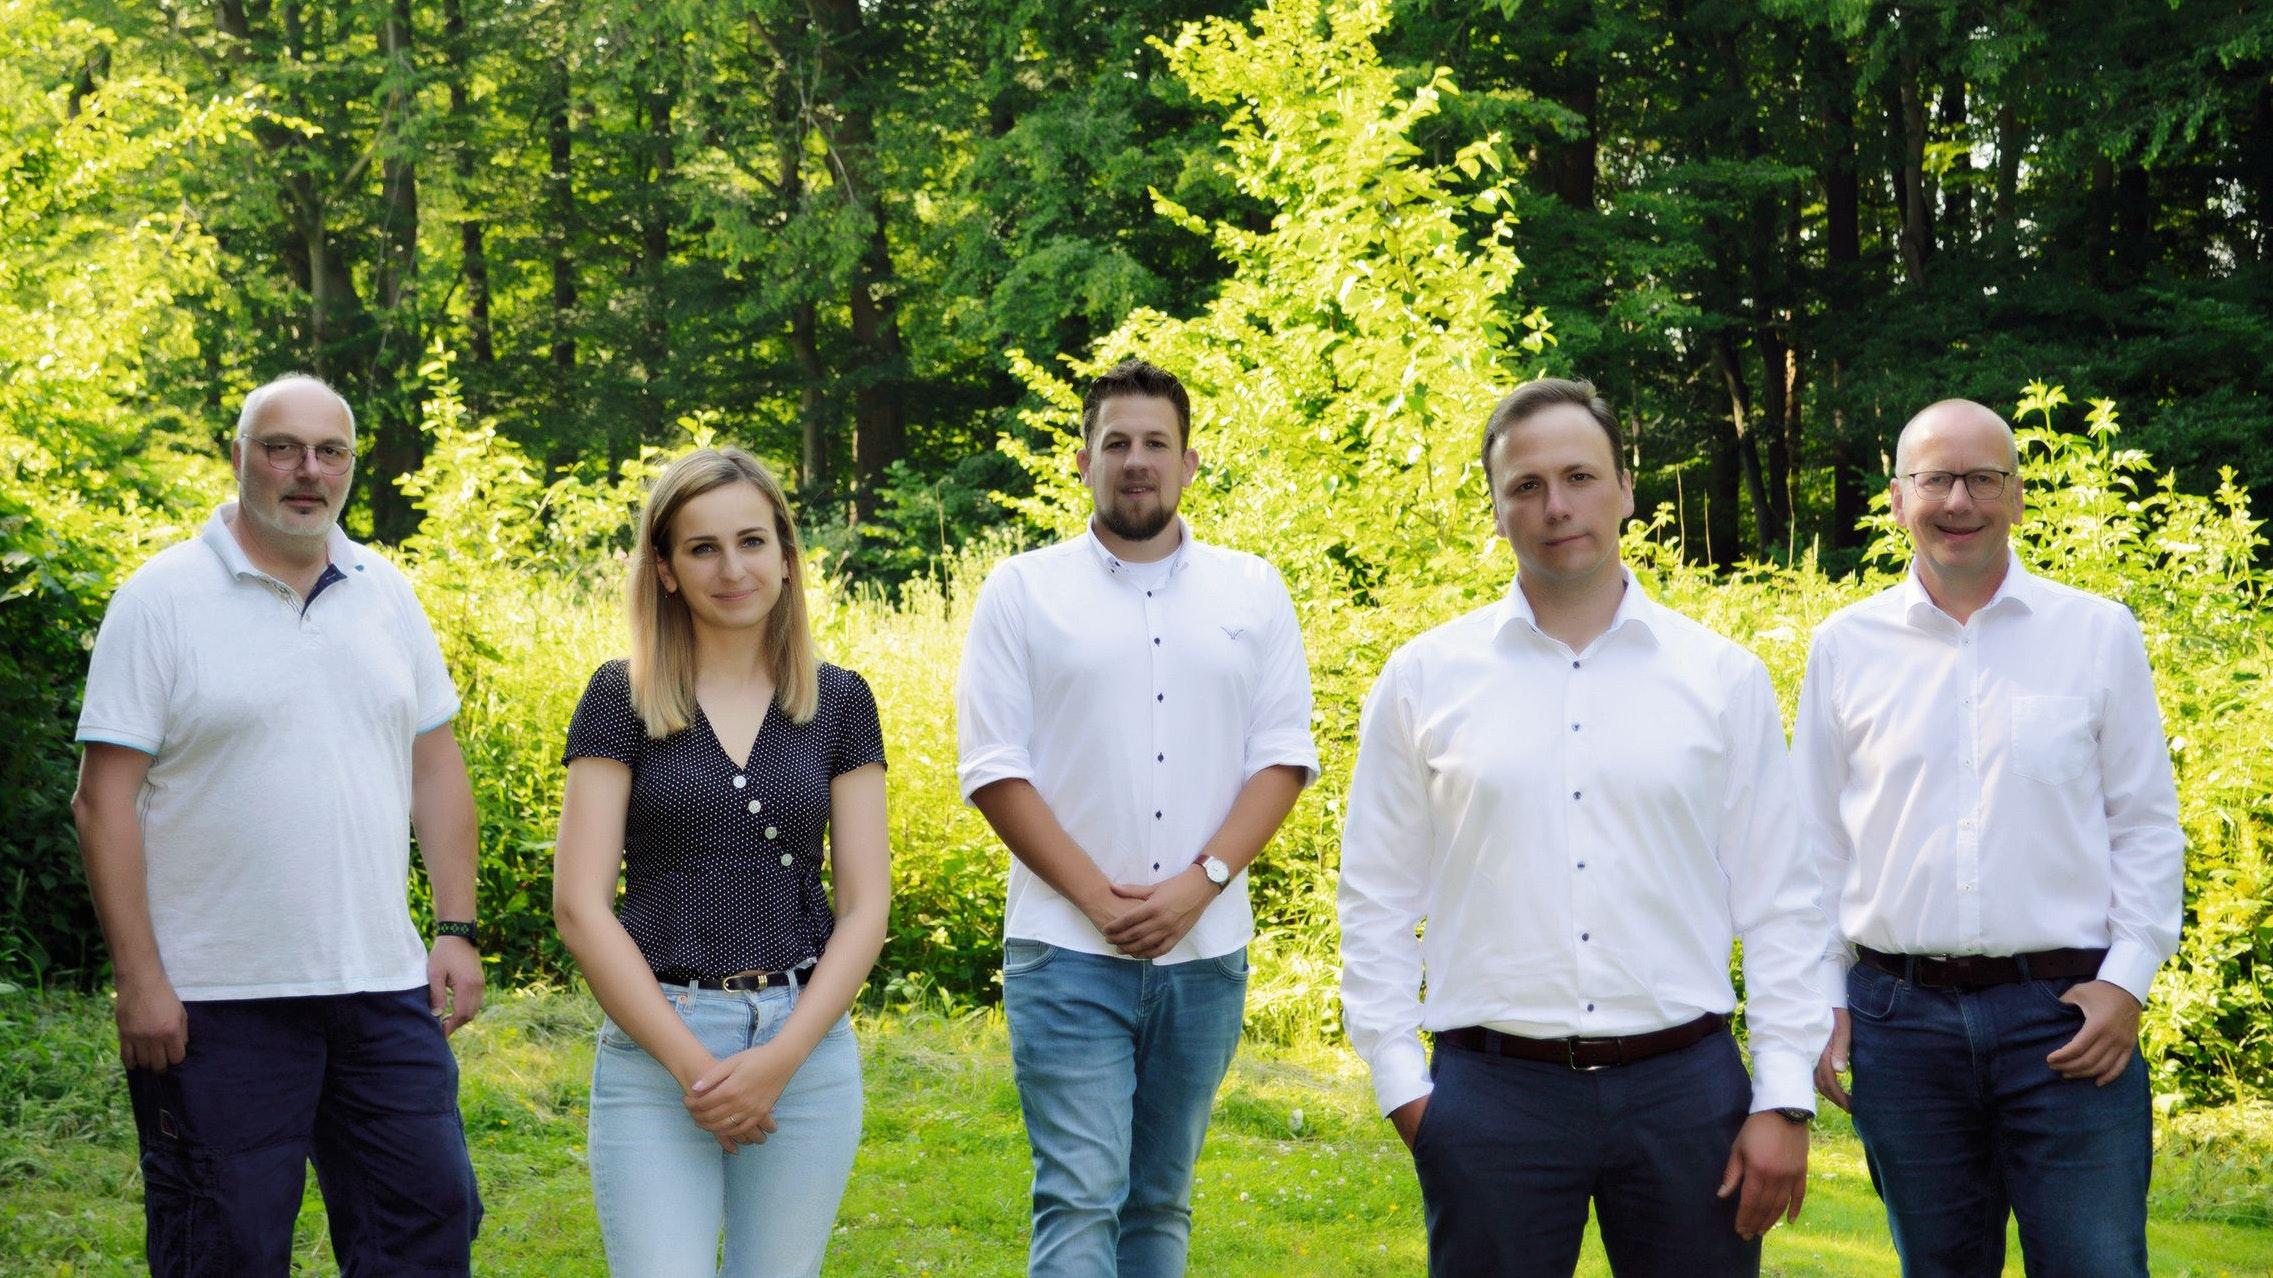 Die Kandidierenden für die Gemeinderat Cappeln: Uwe Engel (von links), Carolin Abeln, Florian Hellmann, Marcus Straeten, Clemens Poppe. Foto: Poppe